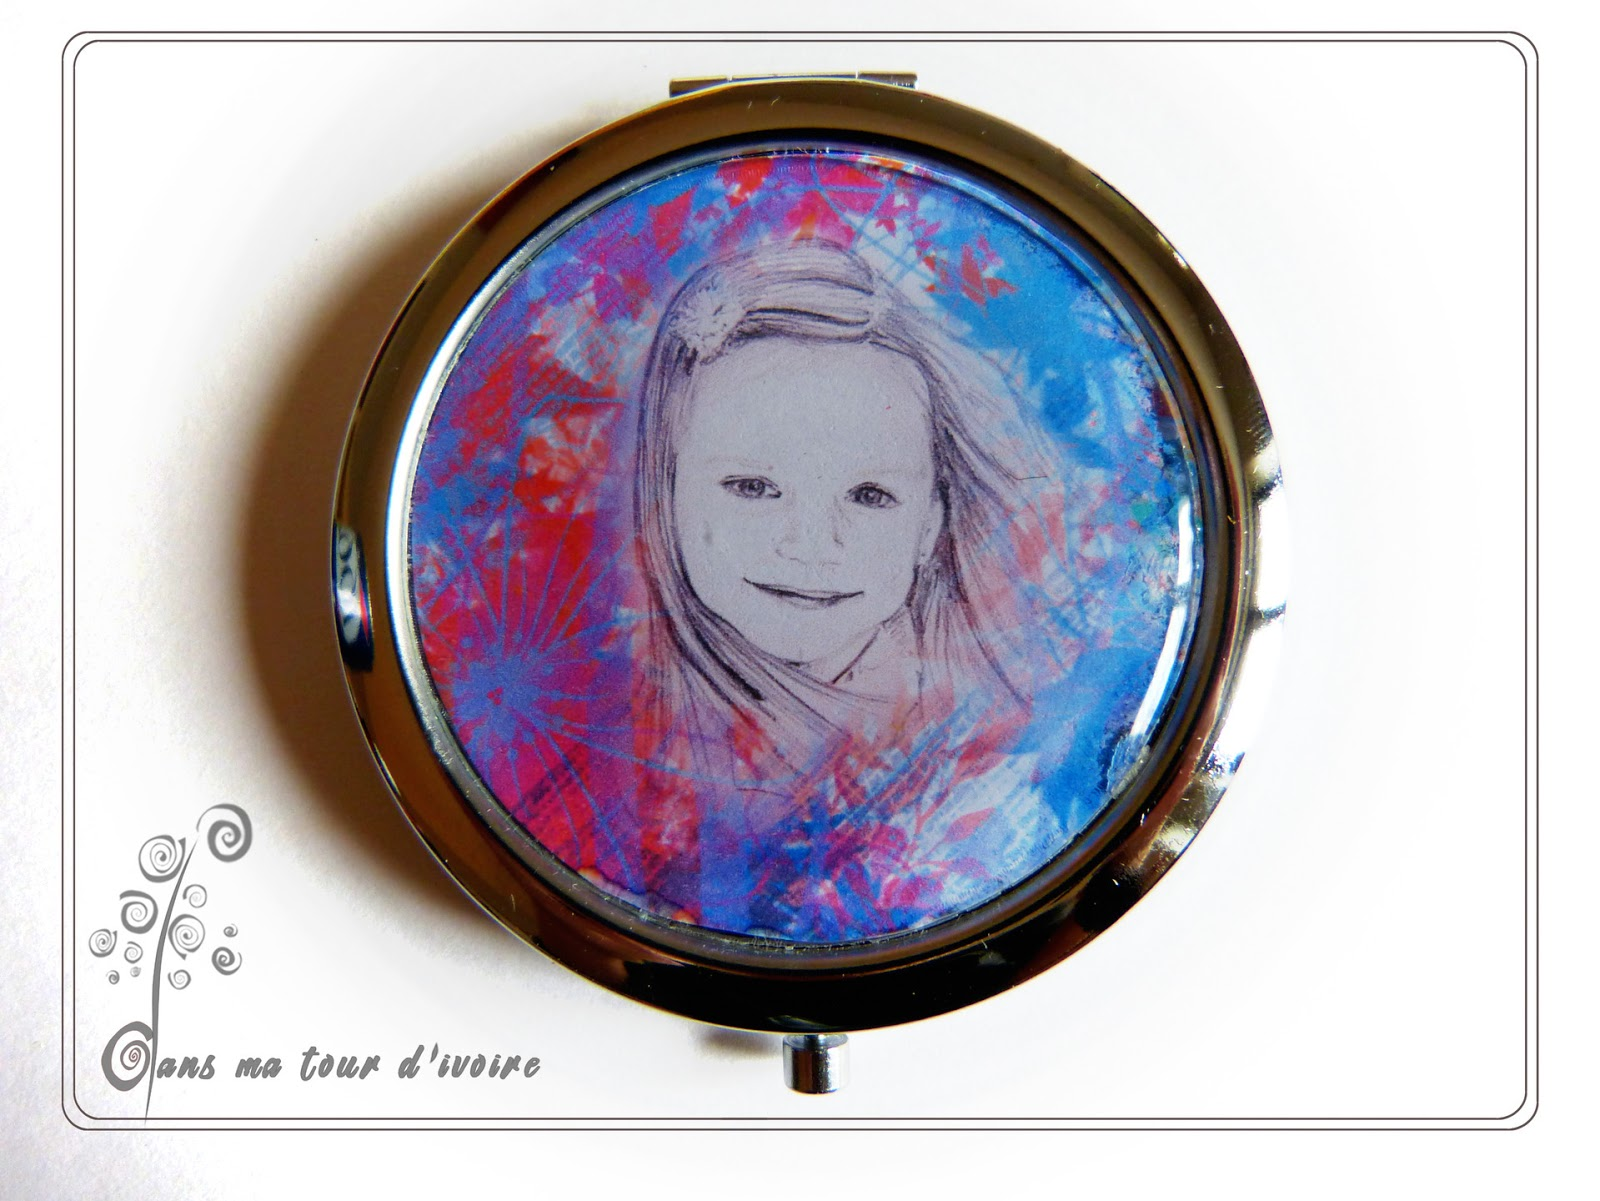 Dans ma tour d 39 ivoire bijoux textiles par lydia nowik for Miroir de poche mirrorbook air